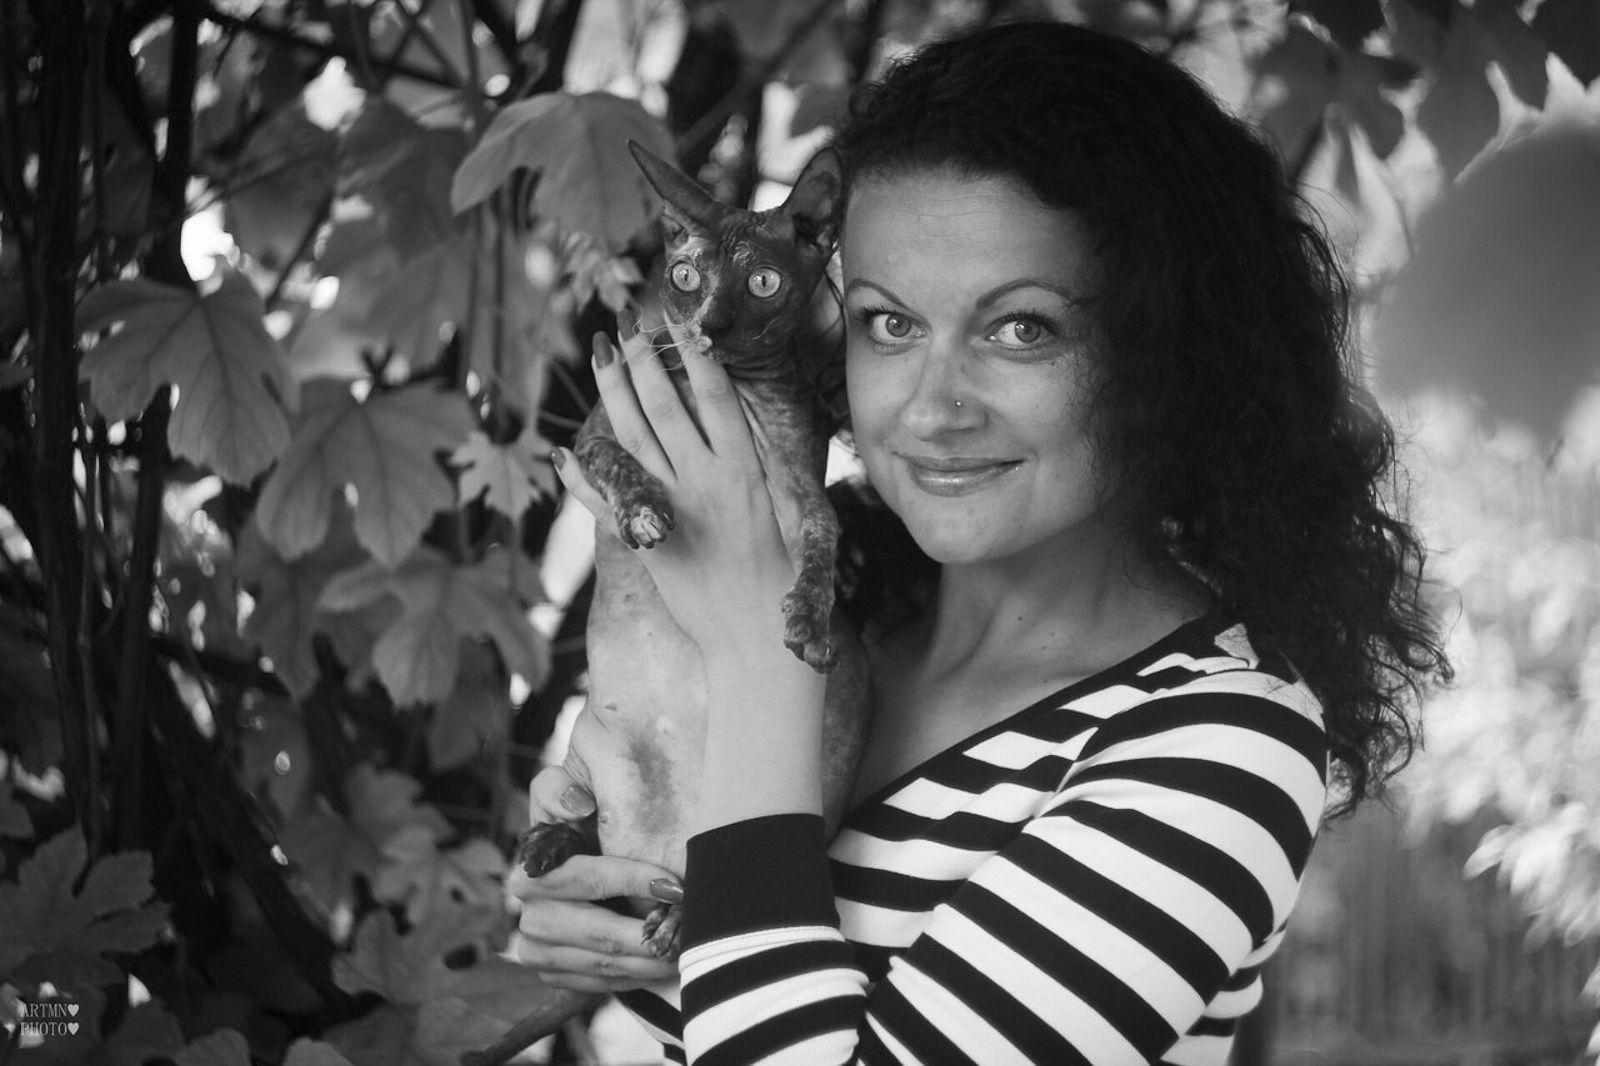 Погибшая Ольга Стрелковская. Фото: ВКонтакте